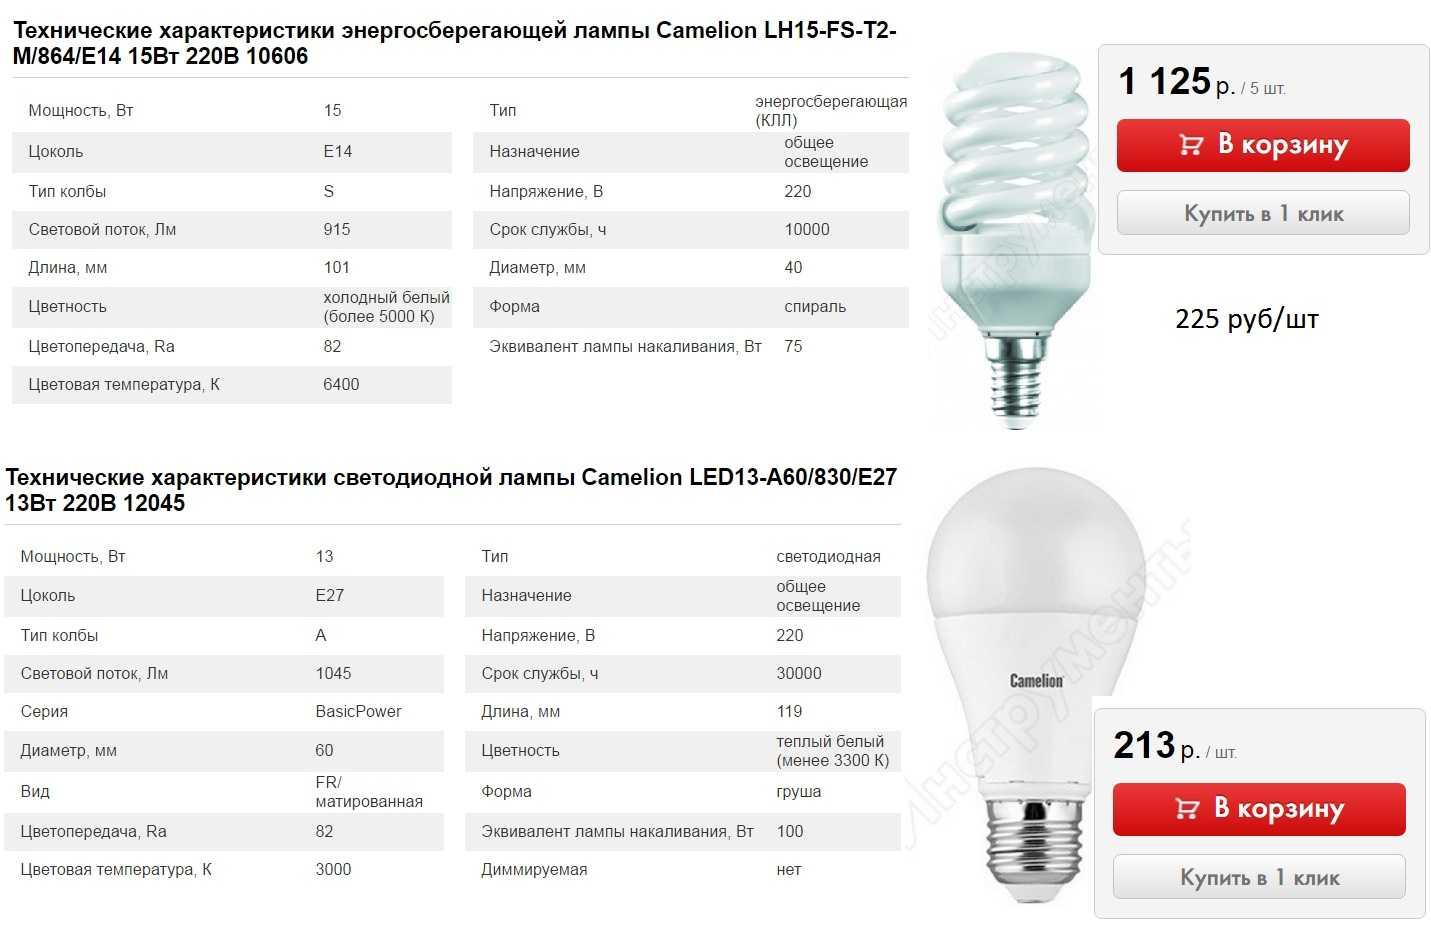 Светодиодная или энергосберегающая лампа. какую лампу выбрать?